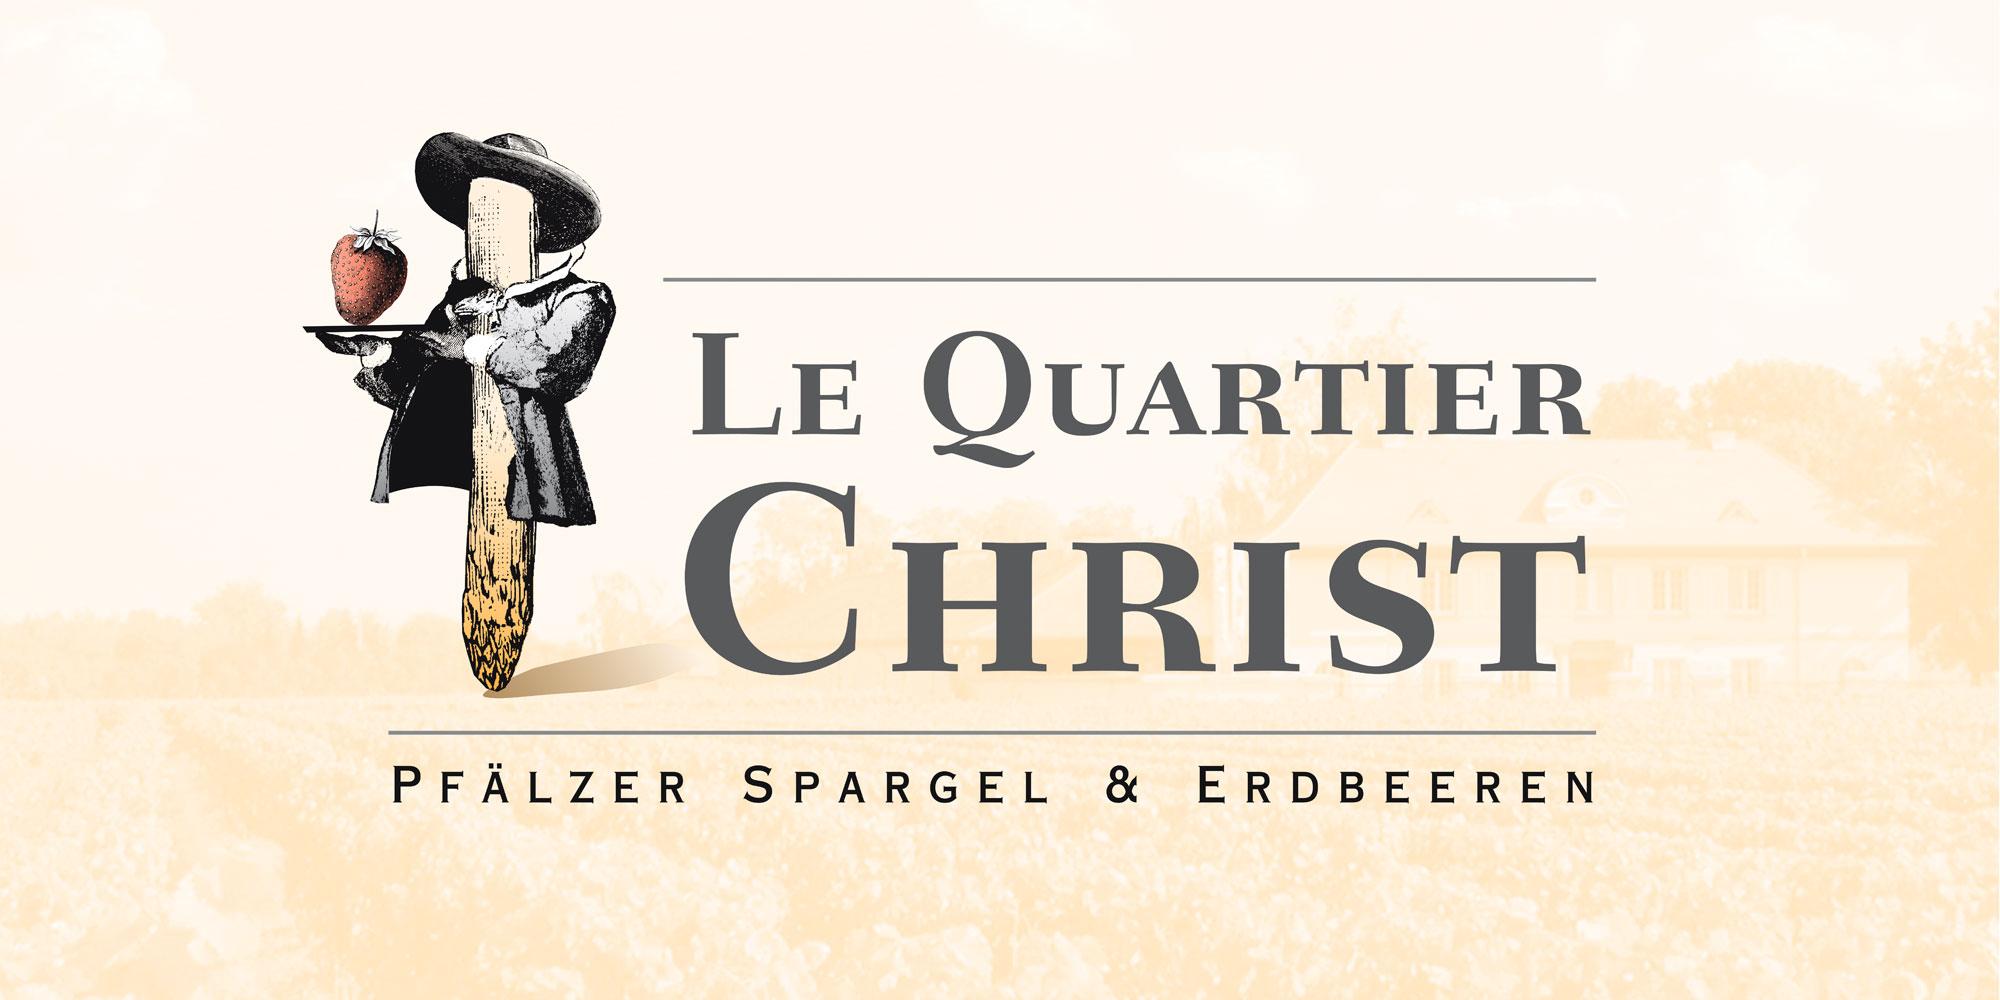 Logodesign für Le Quartiert Christ Pfälzer Spargel und Erdbeeren